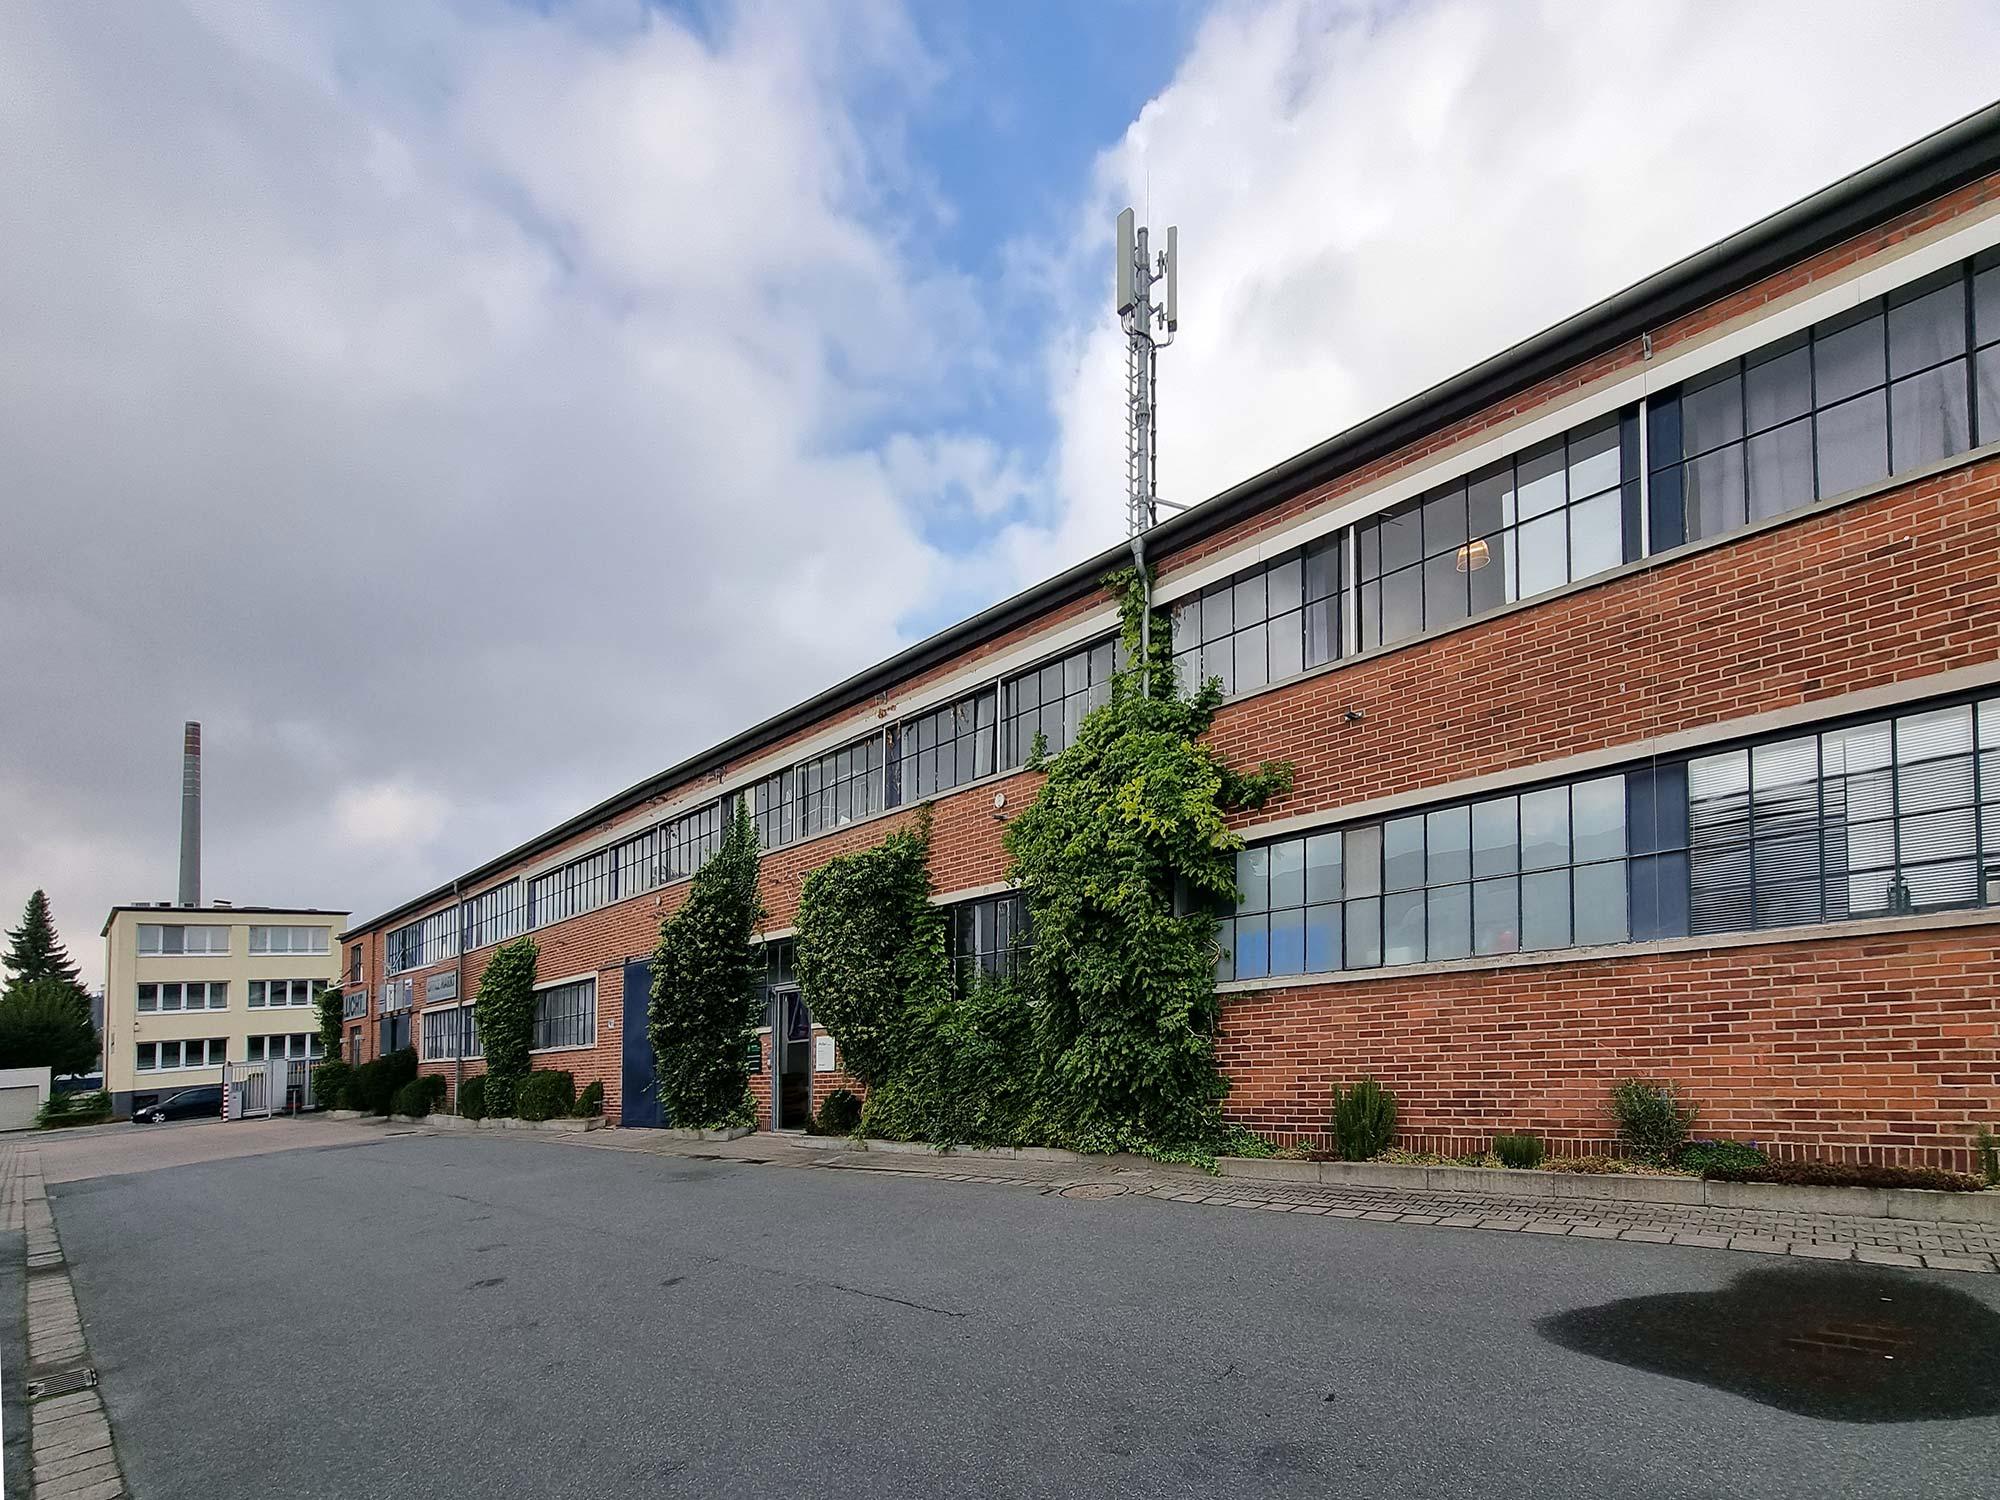 Druckerei Frankfurt am Main - Pri Sol - PriSol Printsolution GmbH in FFM - Digitaldruck für Immobilien und Architektur